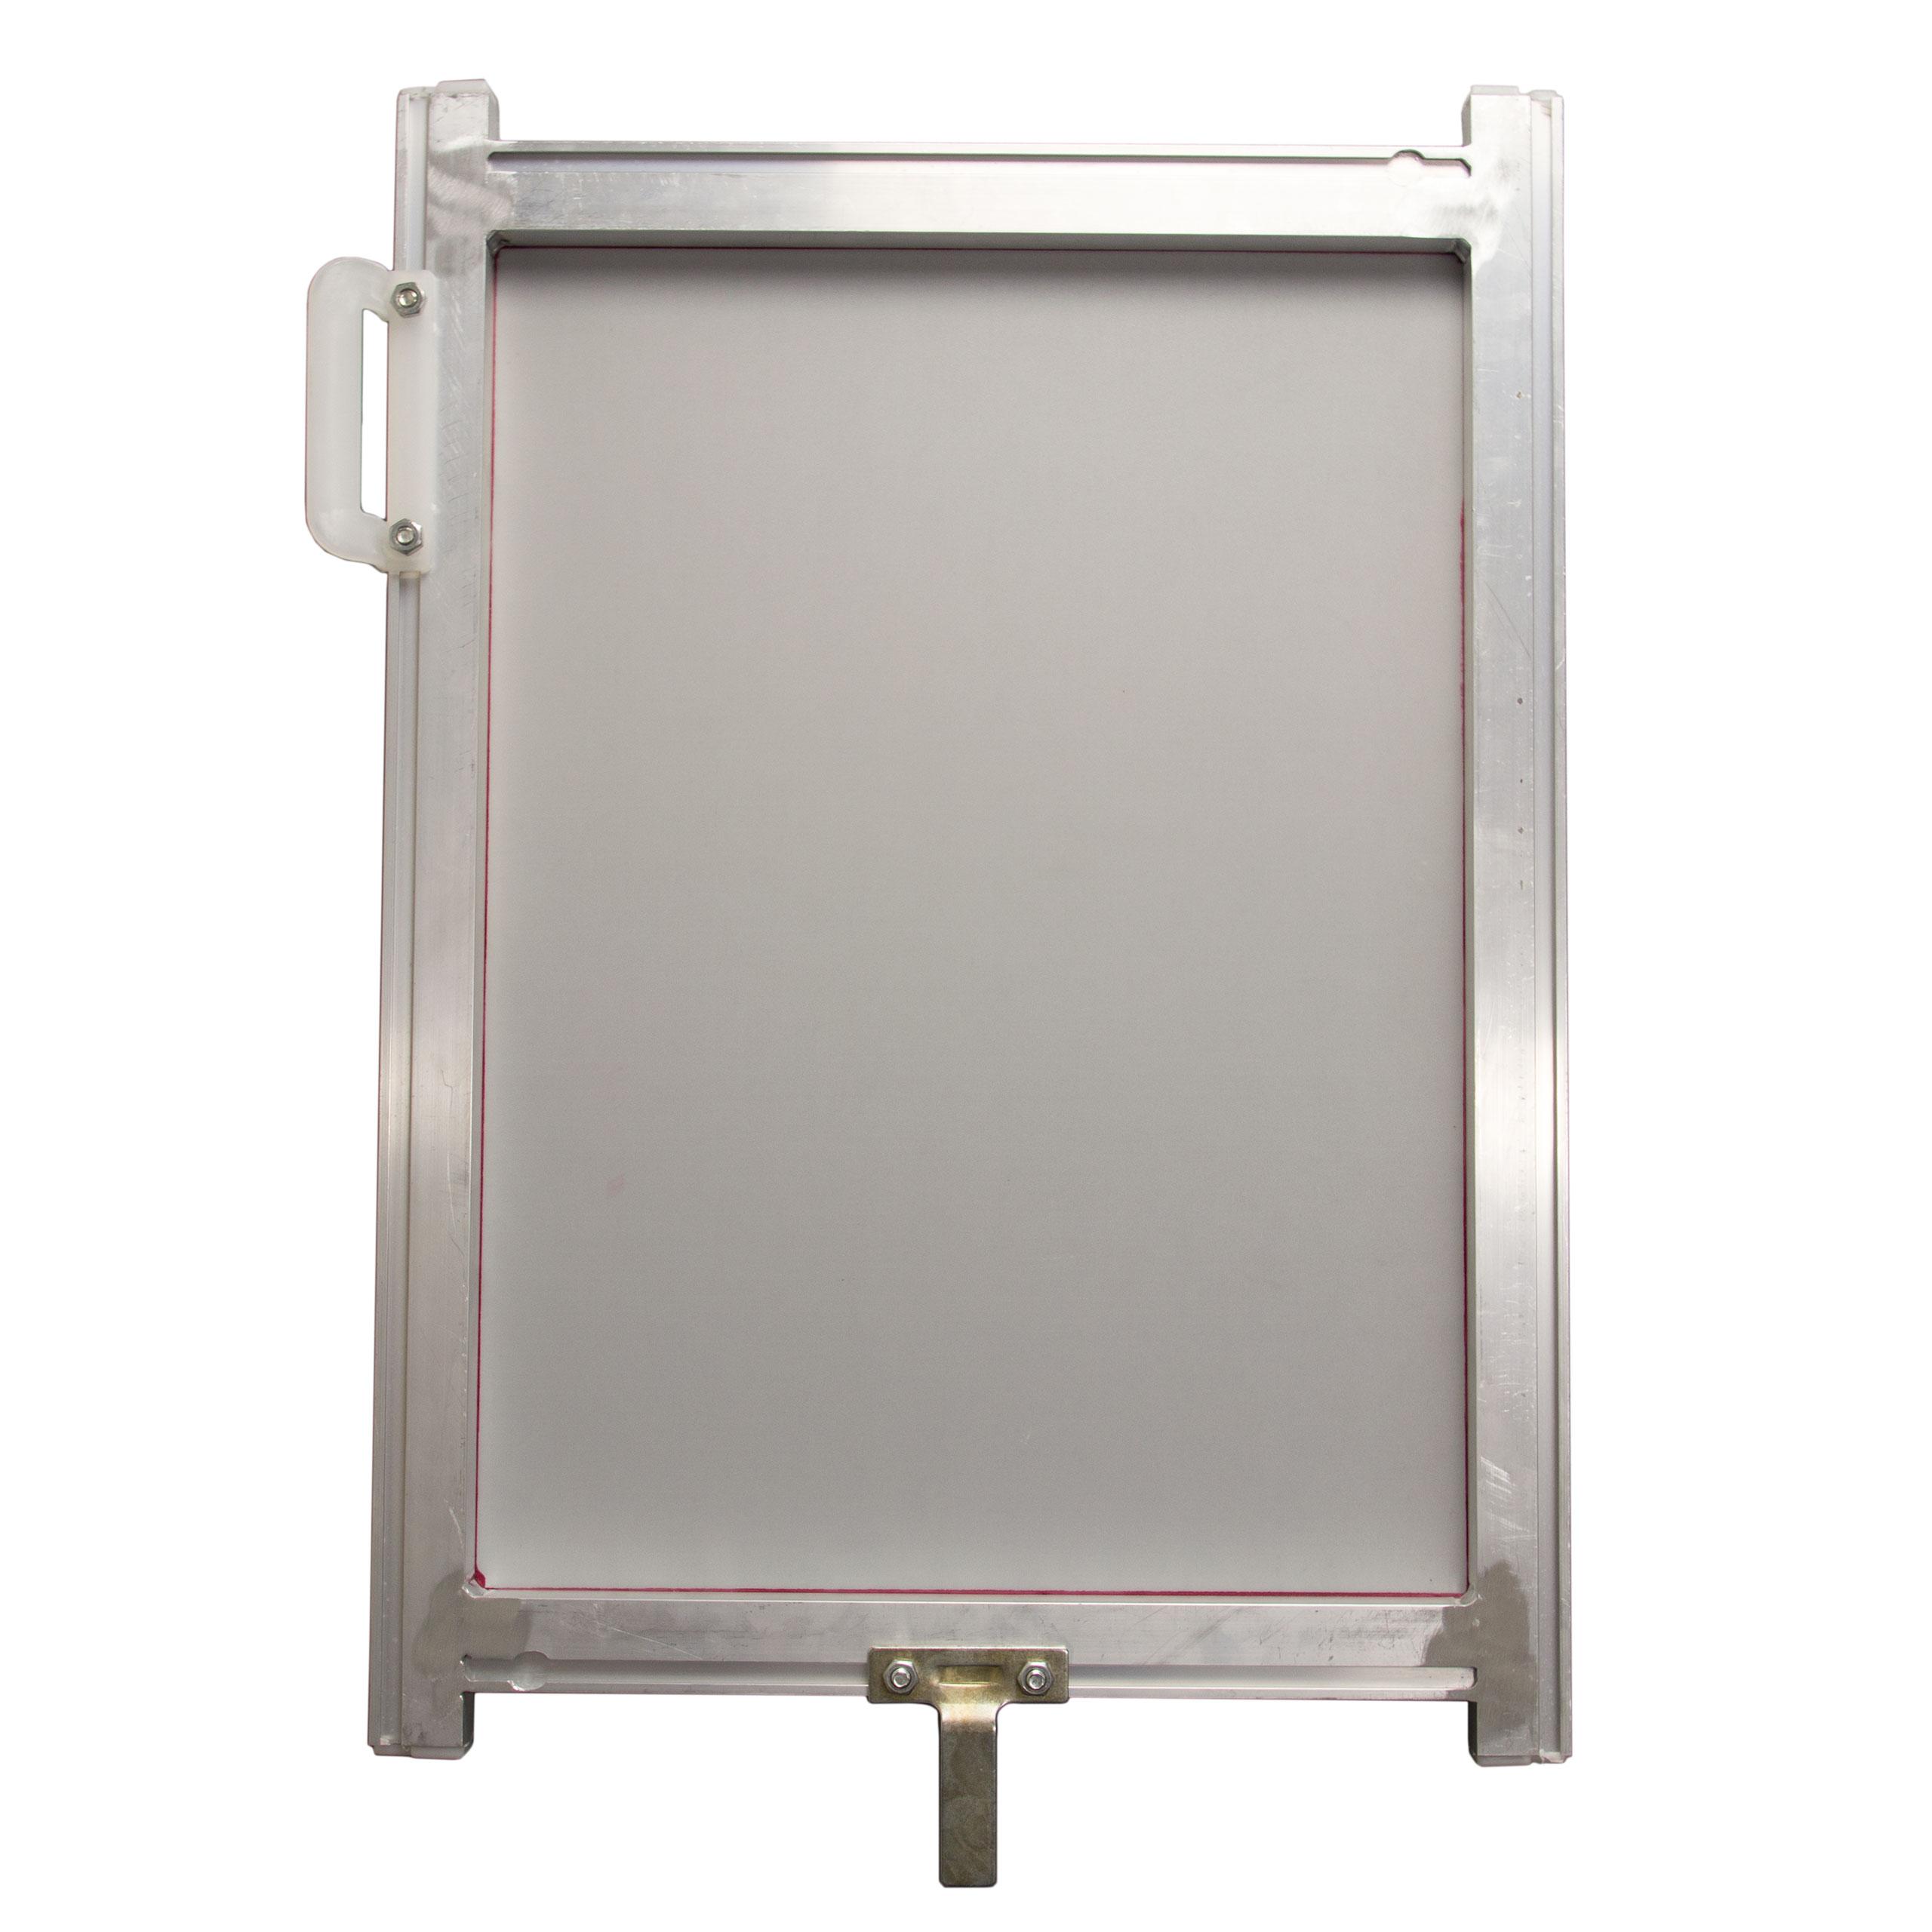 5 x Siebdruckrahmen 43T Line Table 40x55cm Textildruck weiss auf schwarz DIN-A3+